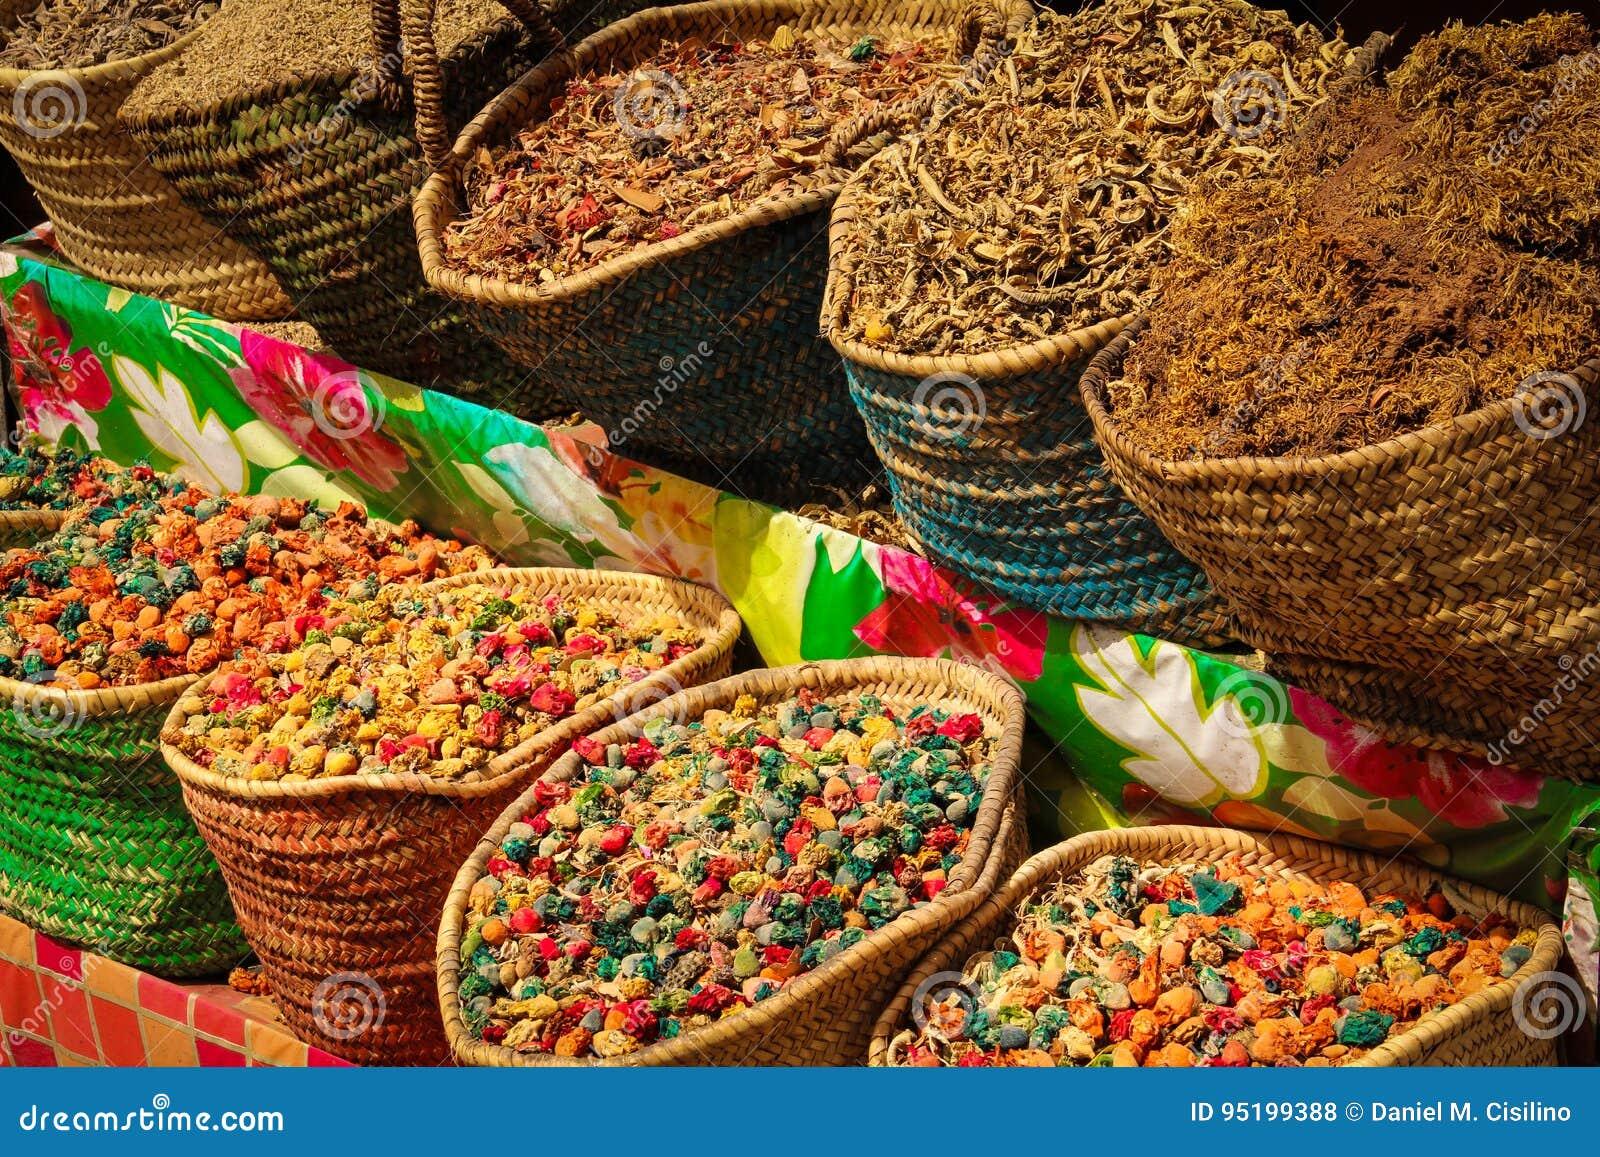 Kruiden voor verkoop in Souk marrakech marokko